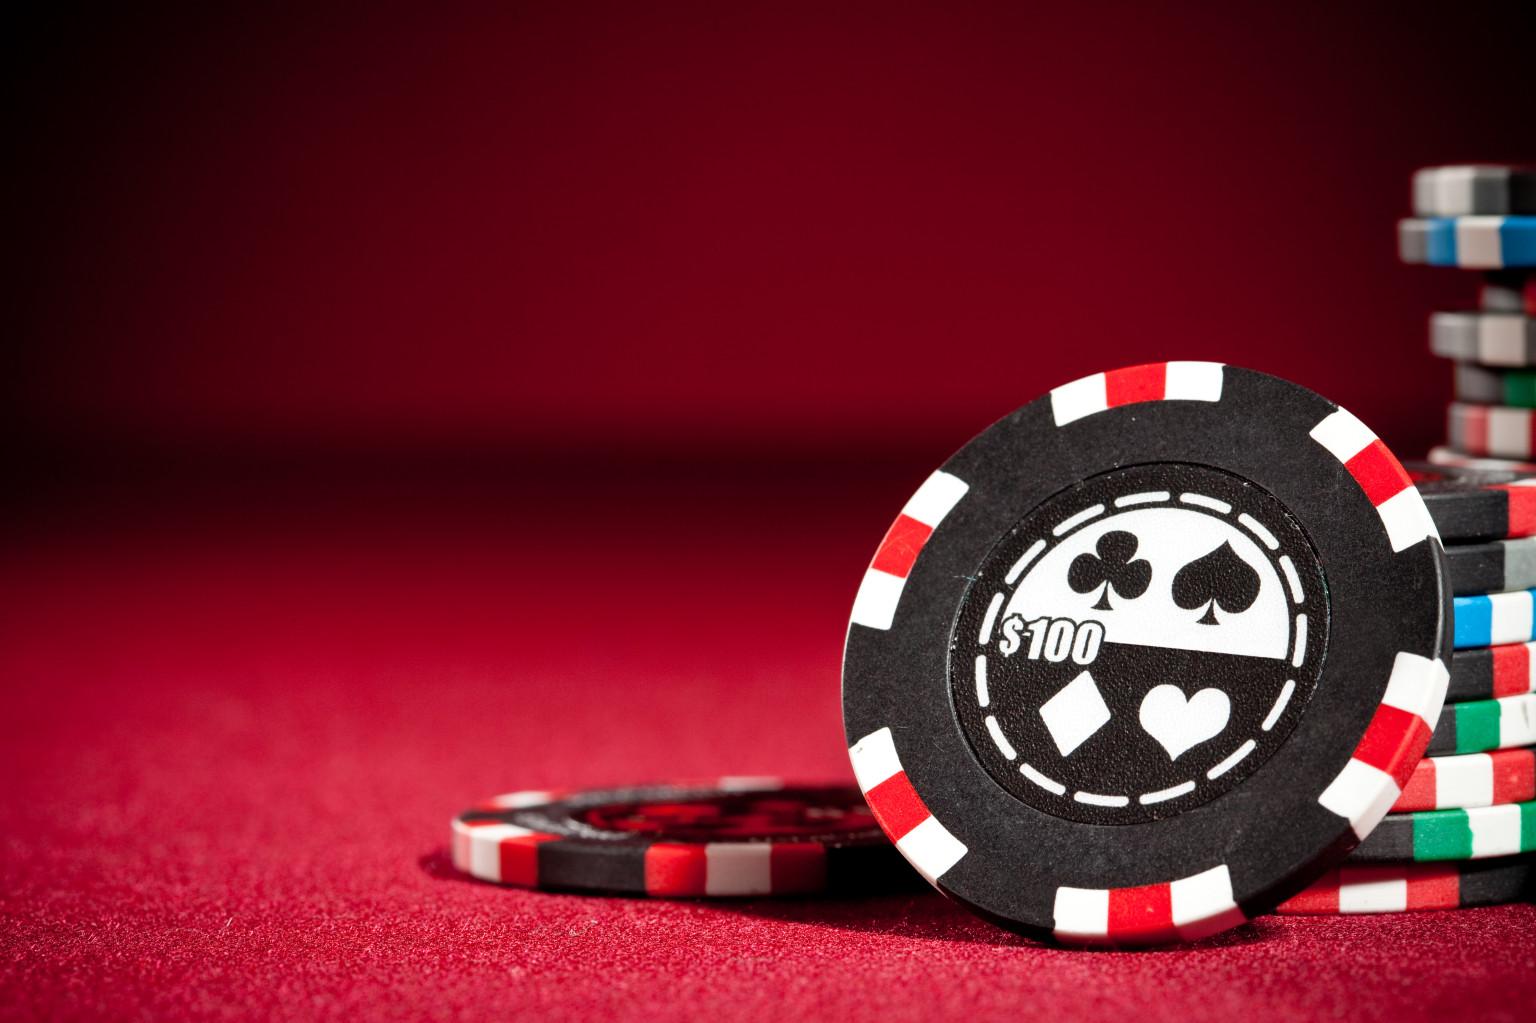 Casino en ligne : Tout ce que je peux vous raconter sur ma propre expérience personnelle avec les casinos